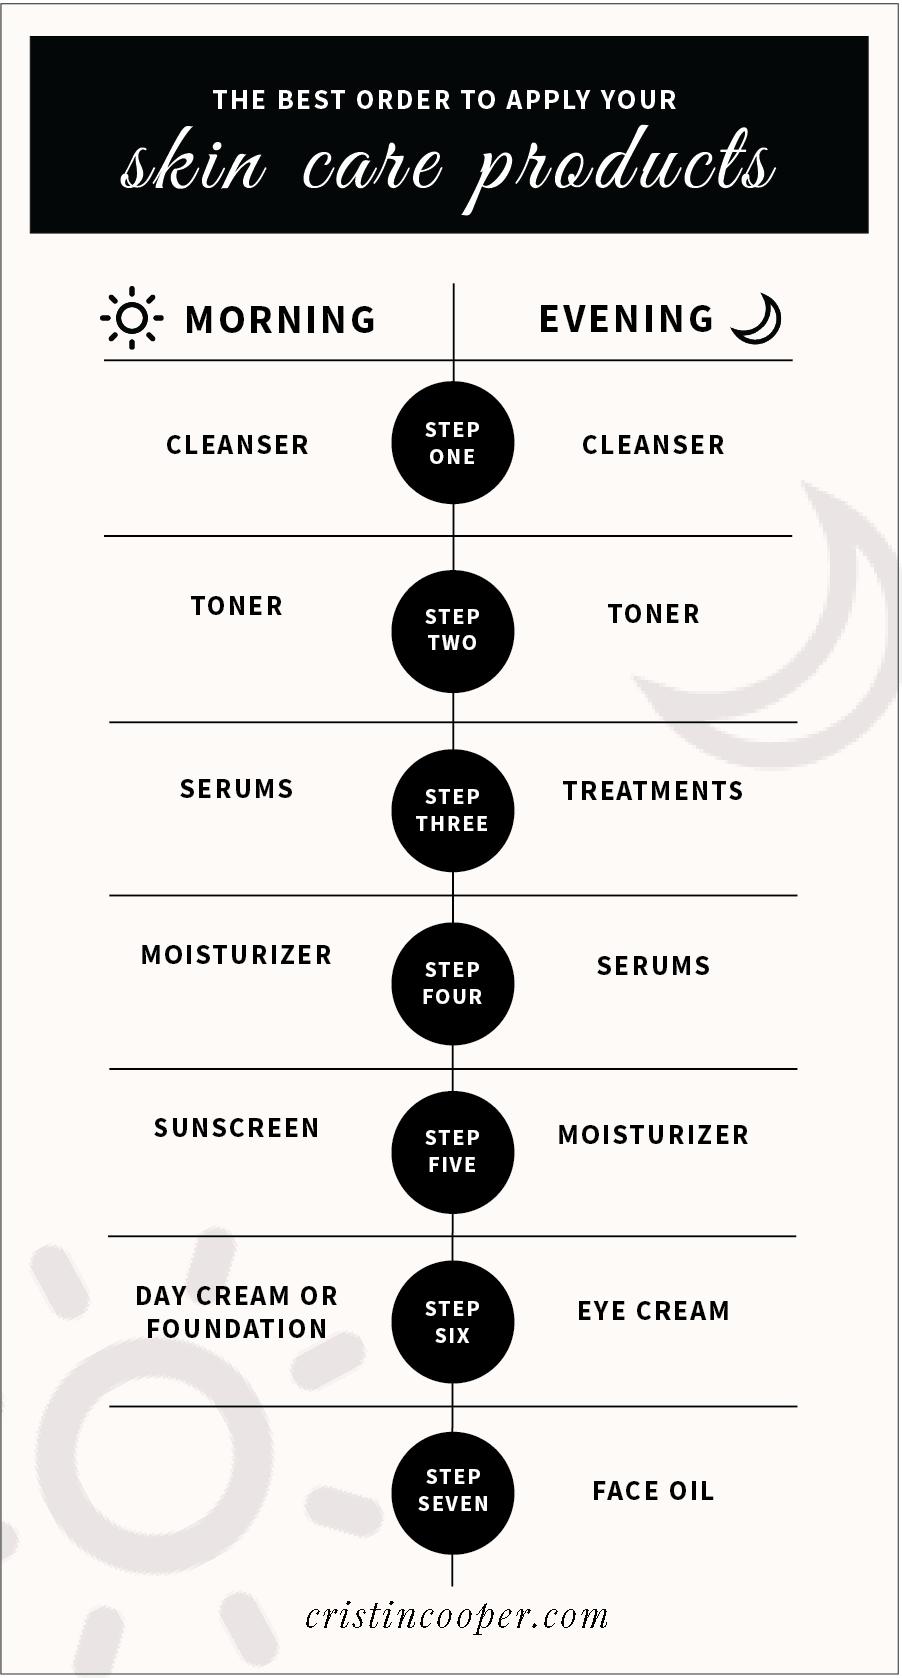 Winter Skincare Favorites Cristin Cooper Morning Skin Care Routine Skin Care Routine Order Skin Care